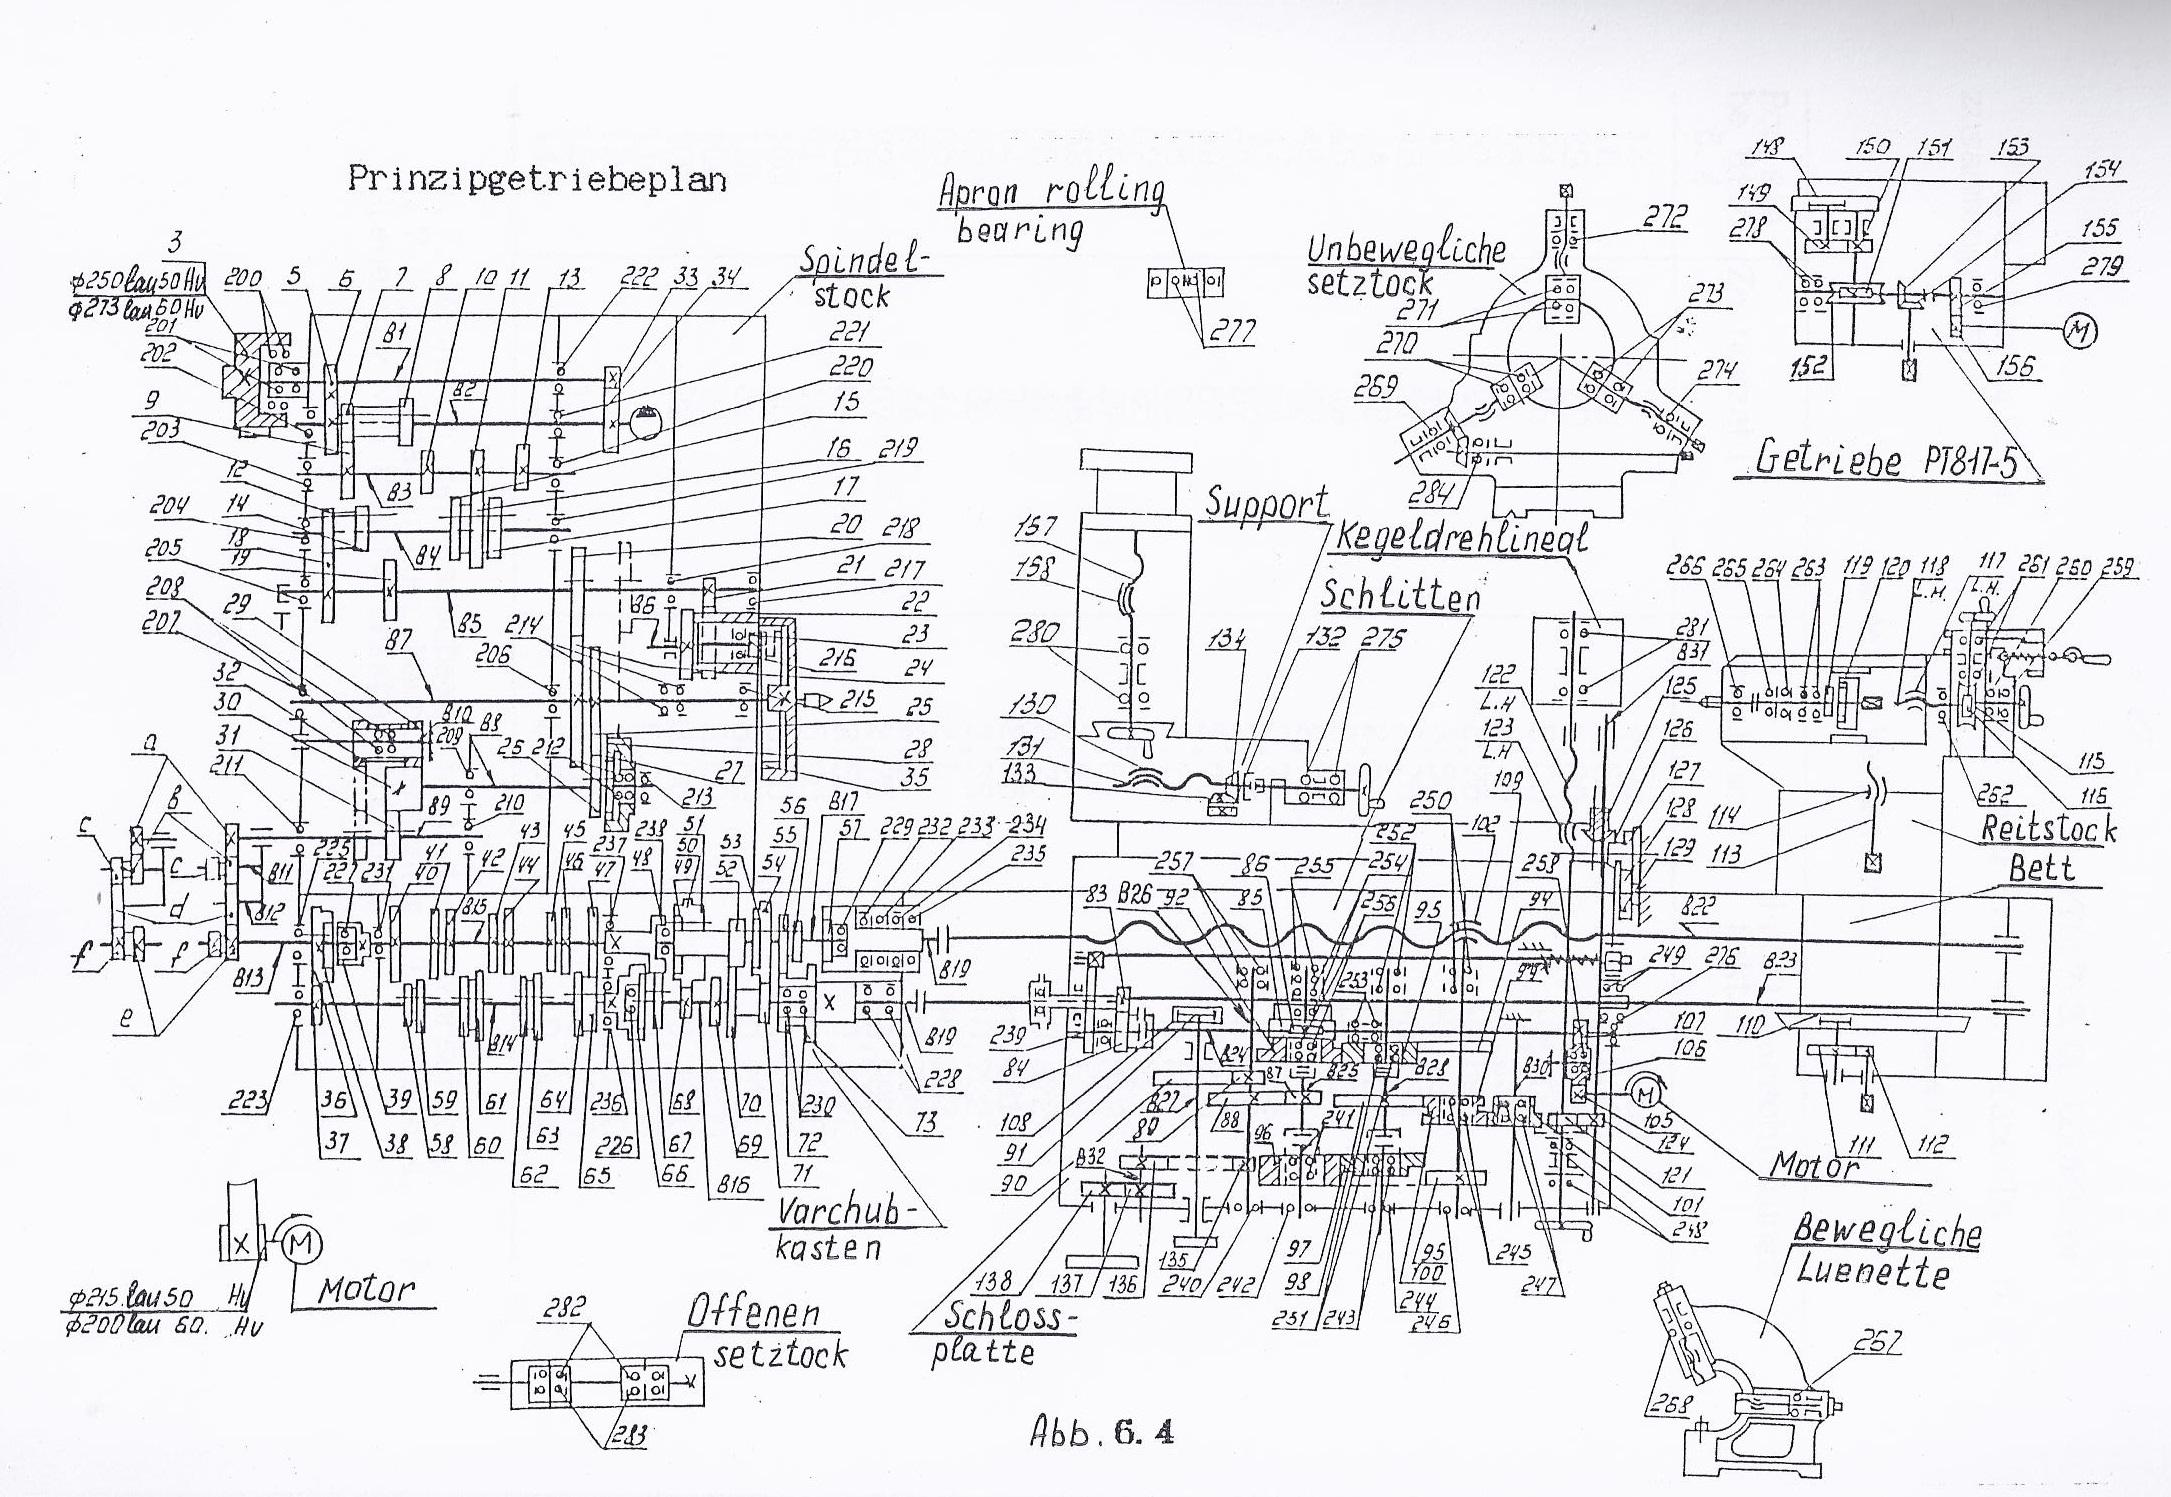 STANKO PT817 Getriebeplan